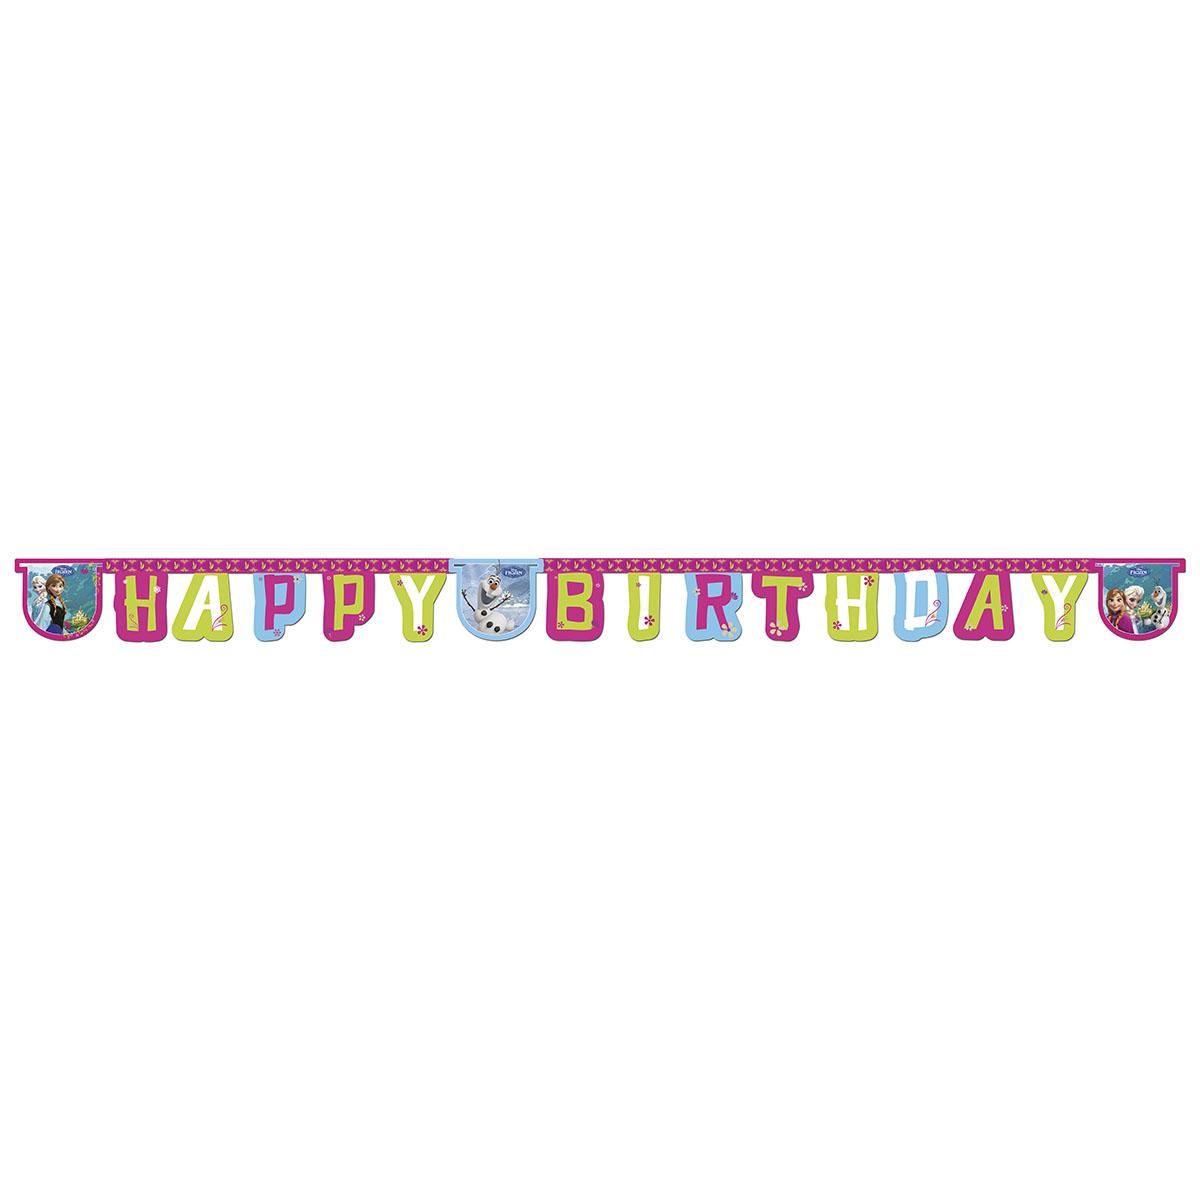 Procos Гирлянда-буквы Happy Birthday Холодное сердце1505-0862Гирлянда-буквы Procos Happy Birthday. Холодное сердце выполнена из картона и оформлена изображением героев любимого мультфильма. Гирлянда представляет собой надпись Happy Birthday, которая очень легко и просто развешивается над потолком, создавая атмосферу волшебного праздника. Элементы гирлянды скрепляются друг с другом с помощью подвижных металлических соединений. Крайние карточки имеют ниточные петли для удобства крепления гирлянды. Такая гирлянда украсит ваш праздник и подарит имениннику отличное настроение.